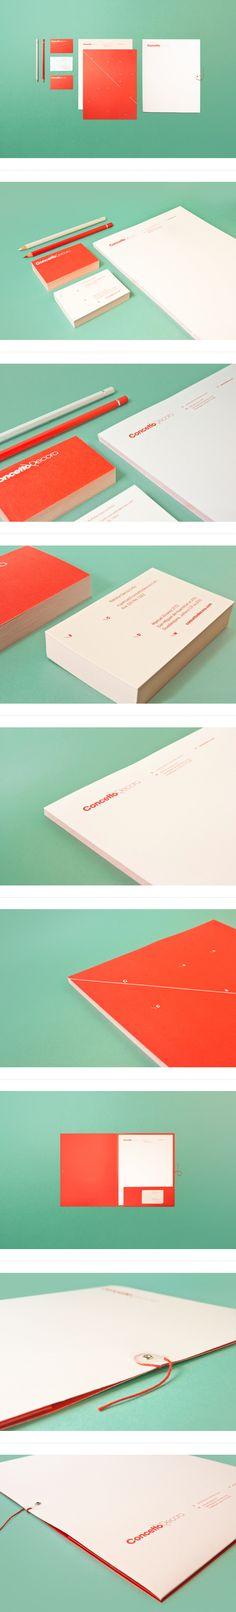 Concetto Decora by Manuel Navarro Orozco, via Behance Collateral Design, Stationery Design, Identity Design, Visual Identity, Brand Identity, Brand Packaging, Packaging Design, Typography Design, Logo Design